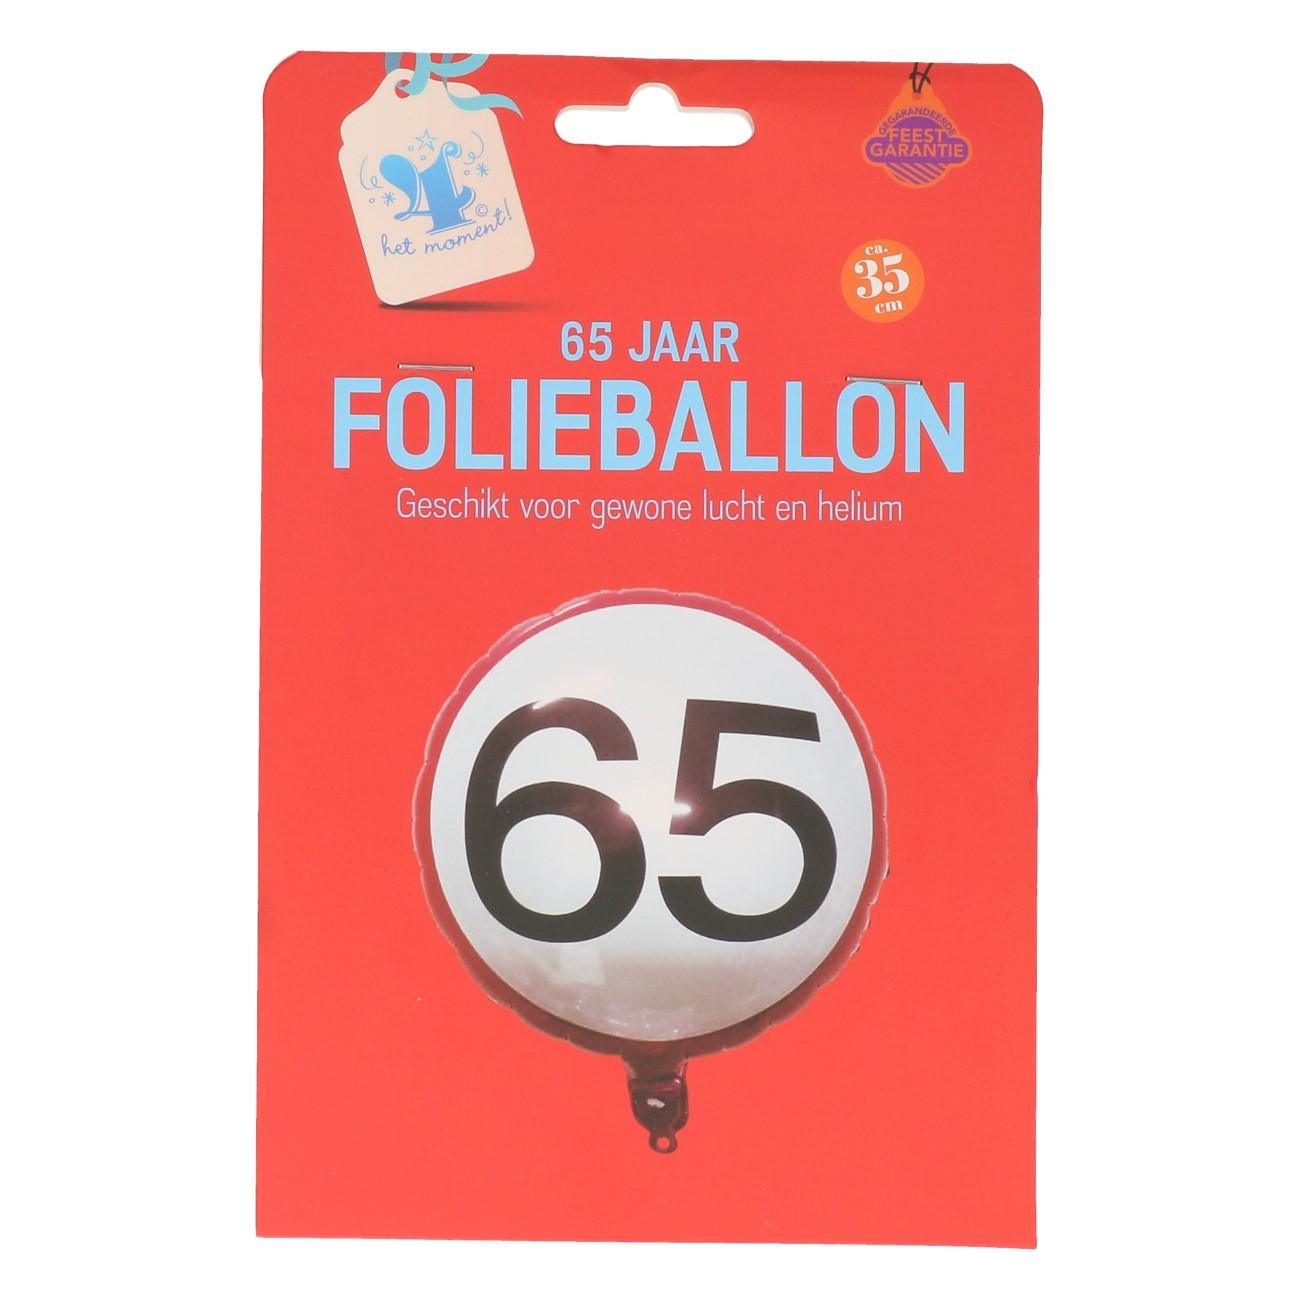 Folieballon 65 jaar